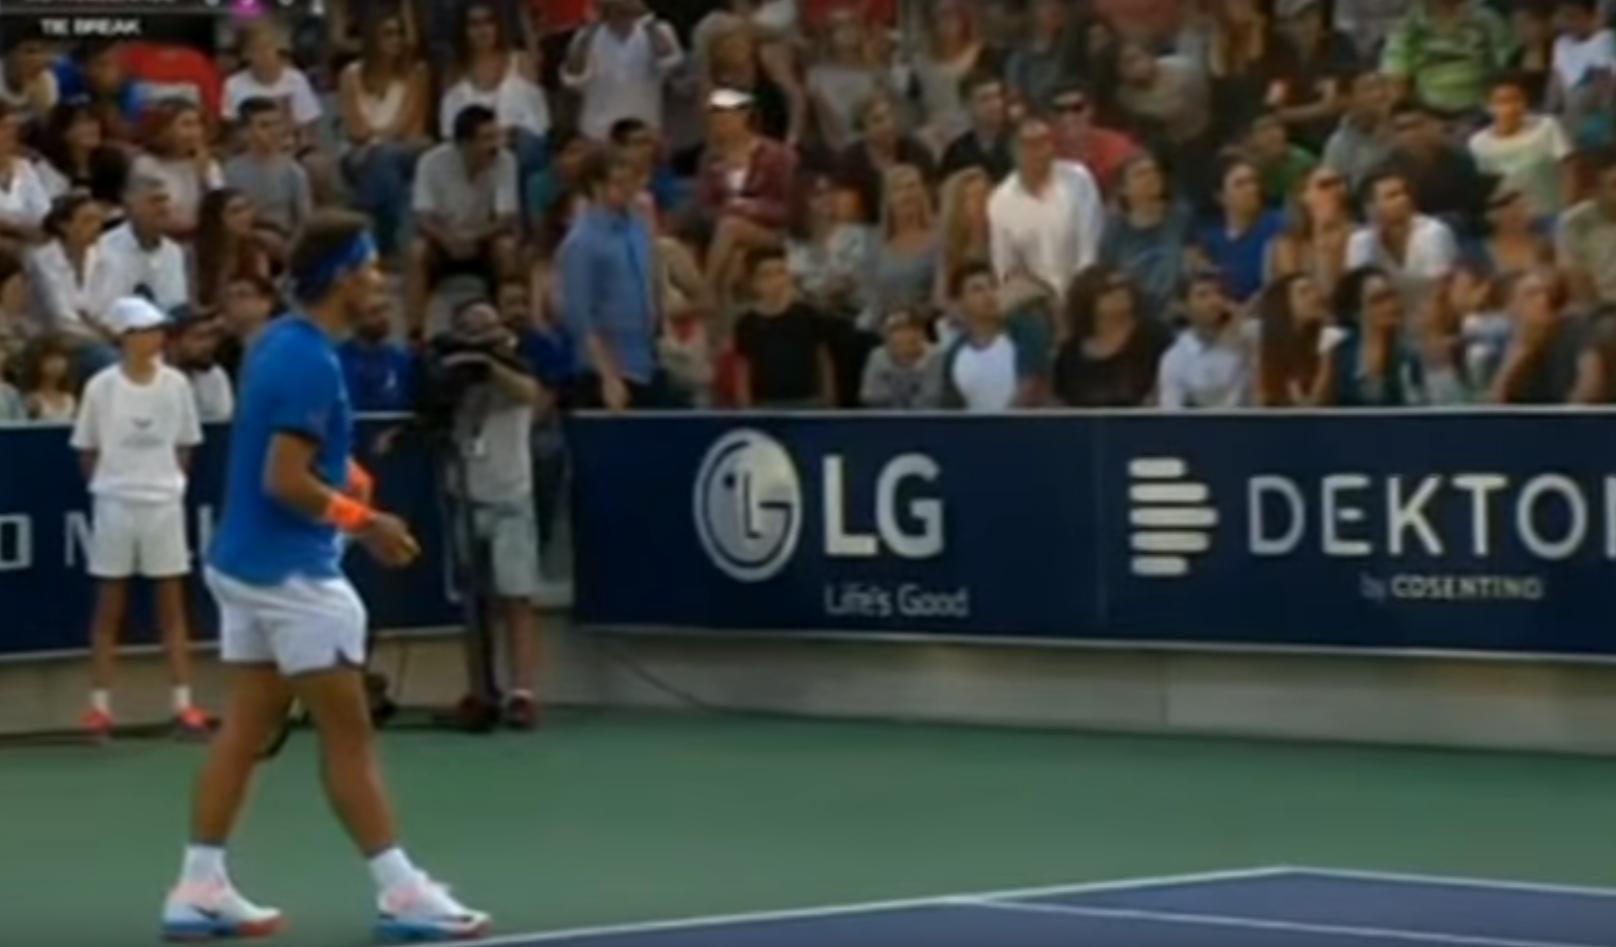 Esta niña perdida no puede encontrar a su mamá, y el tenista Rafael Nadal decide parar el partido